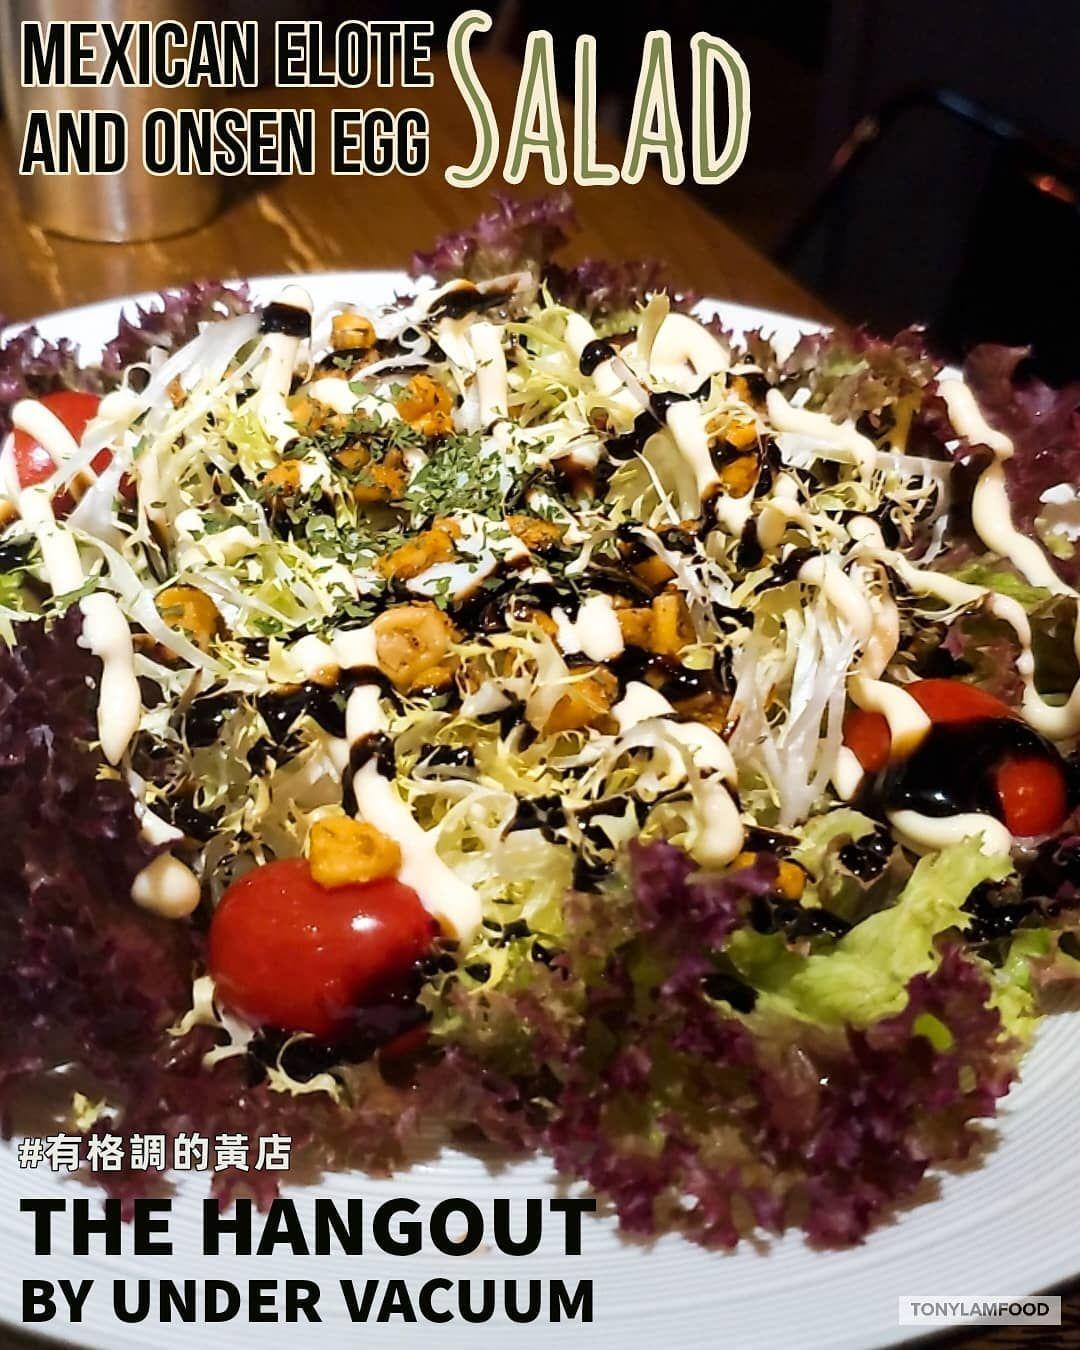 #有格調的黃店 墨西哥辣粟米溫泉蛋沙律 Mexican Elote and Onsen Egg Salad 先來的是沙律,菜算新鮮,酸酸甜甜,開胃 ...